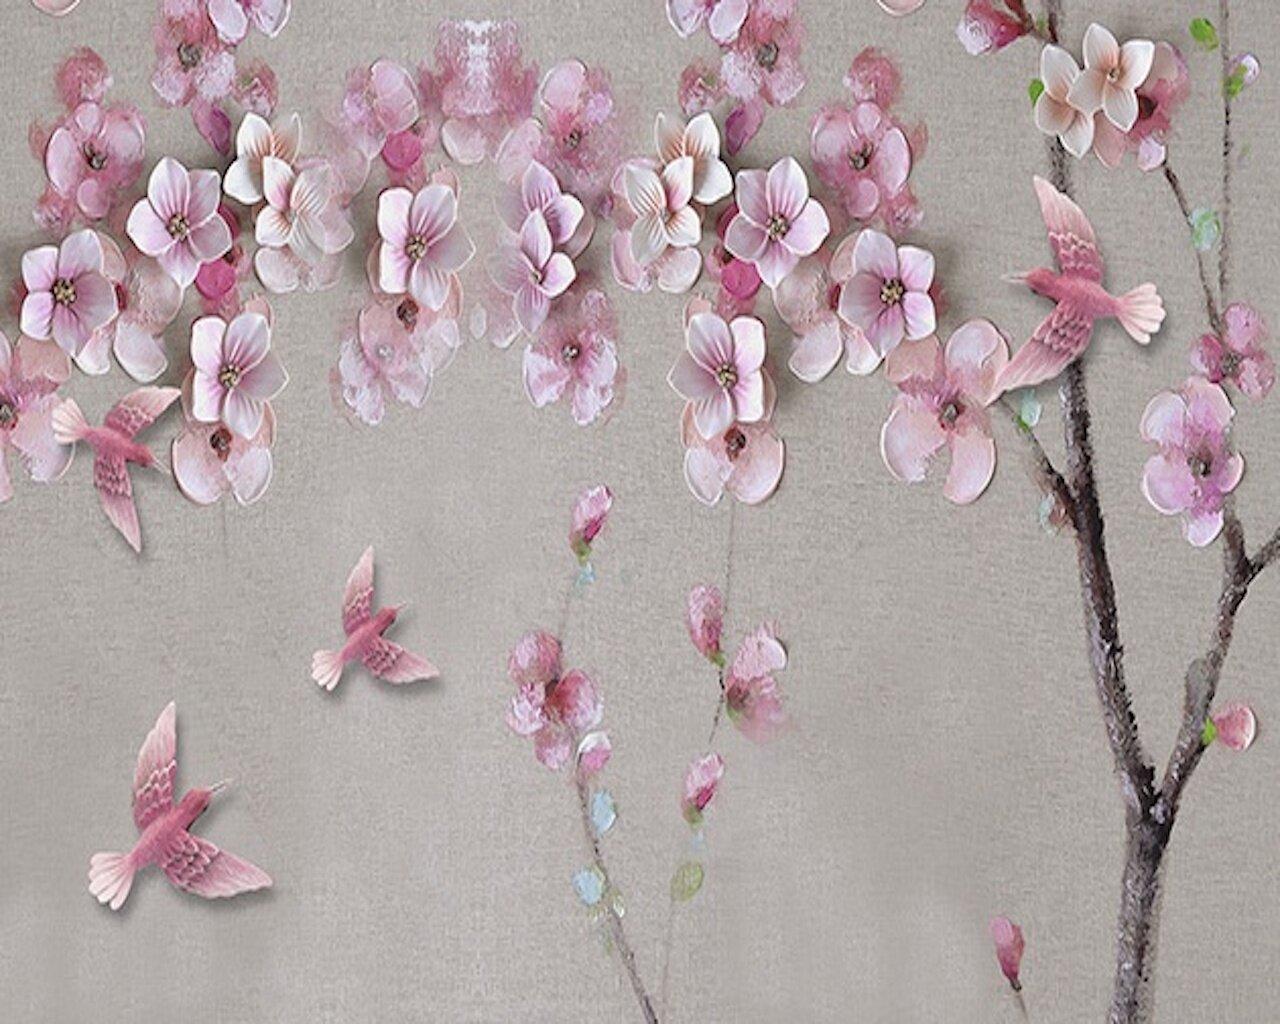 Cherry Blossom Oil Painting Flower